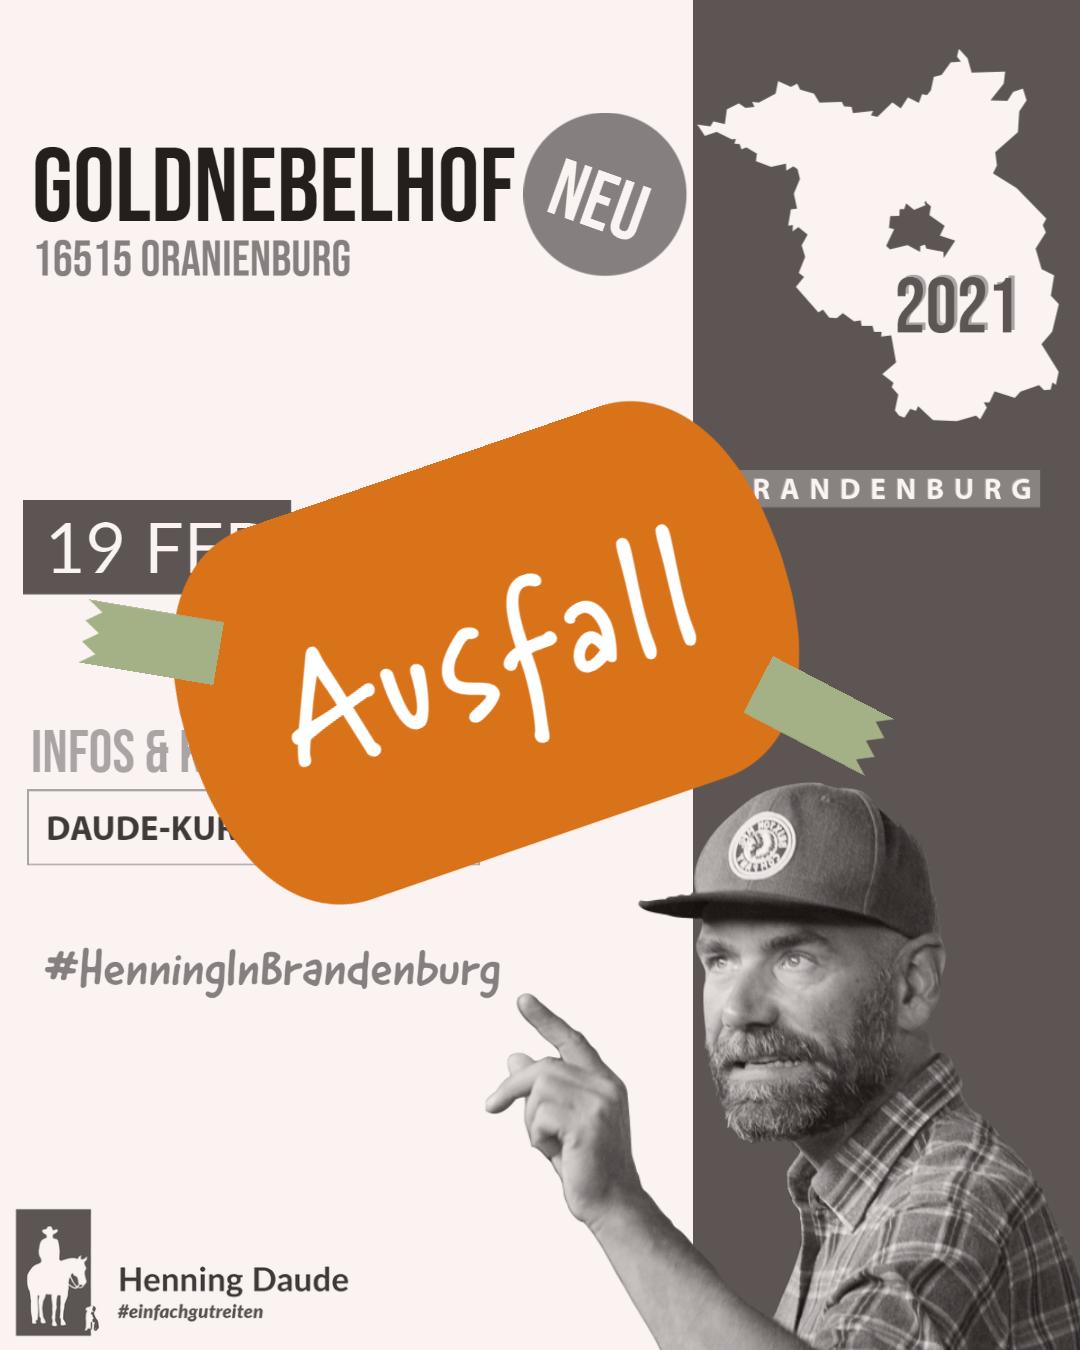 ausfall Goldnebelhof